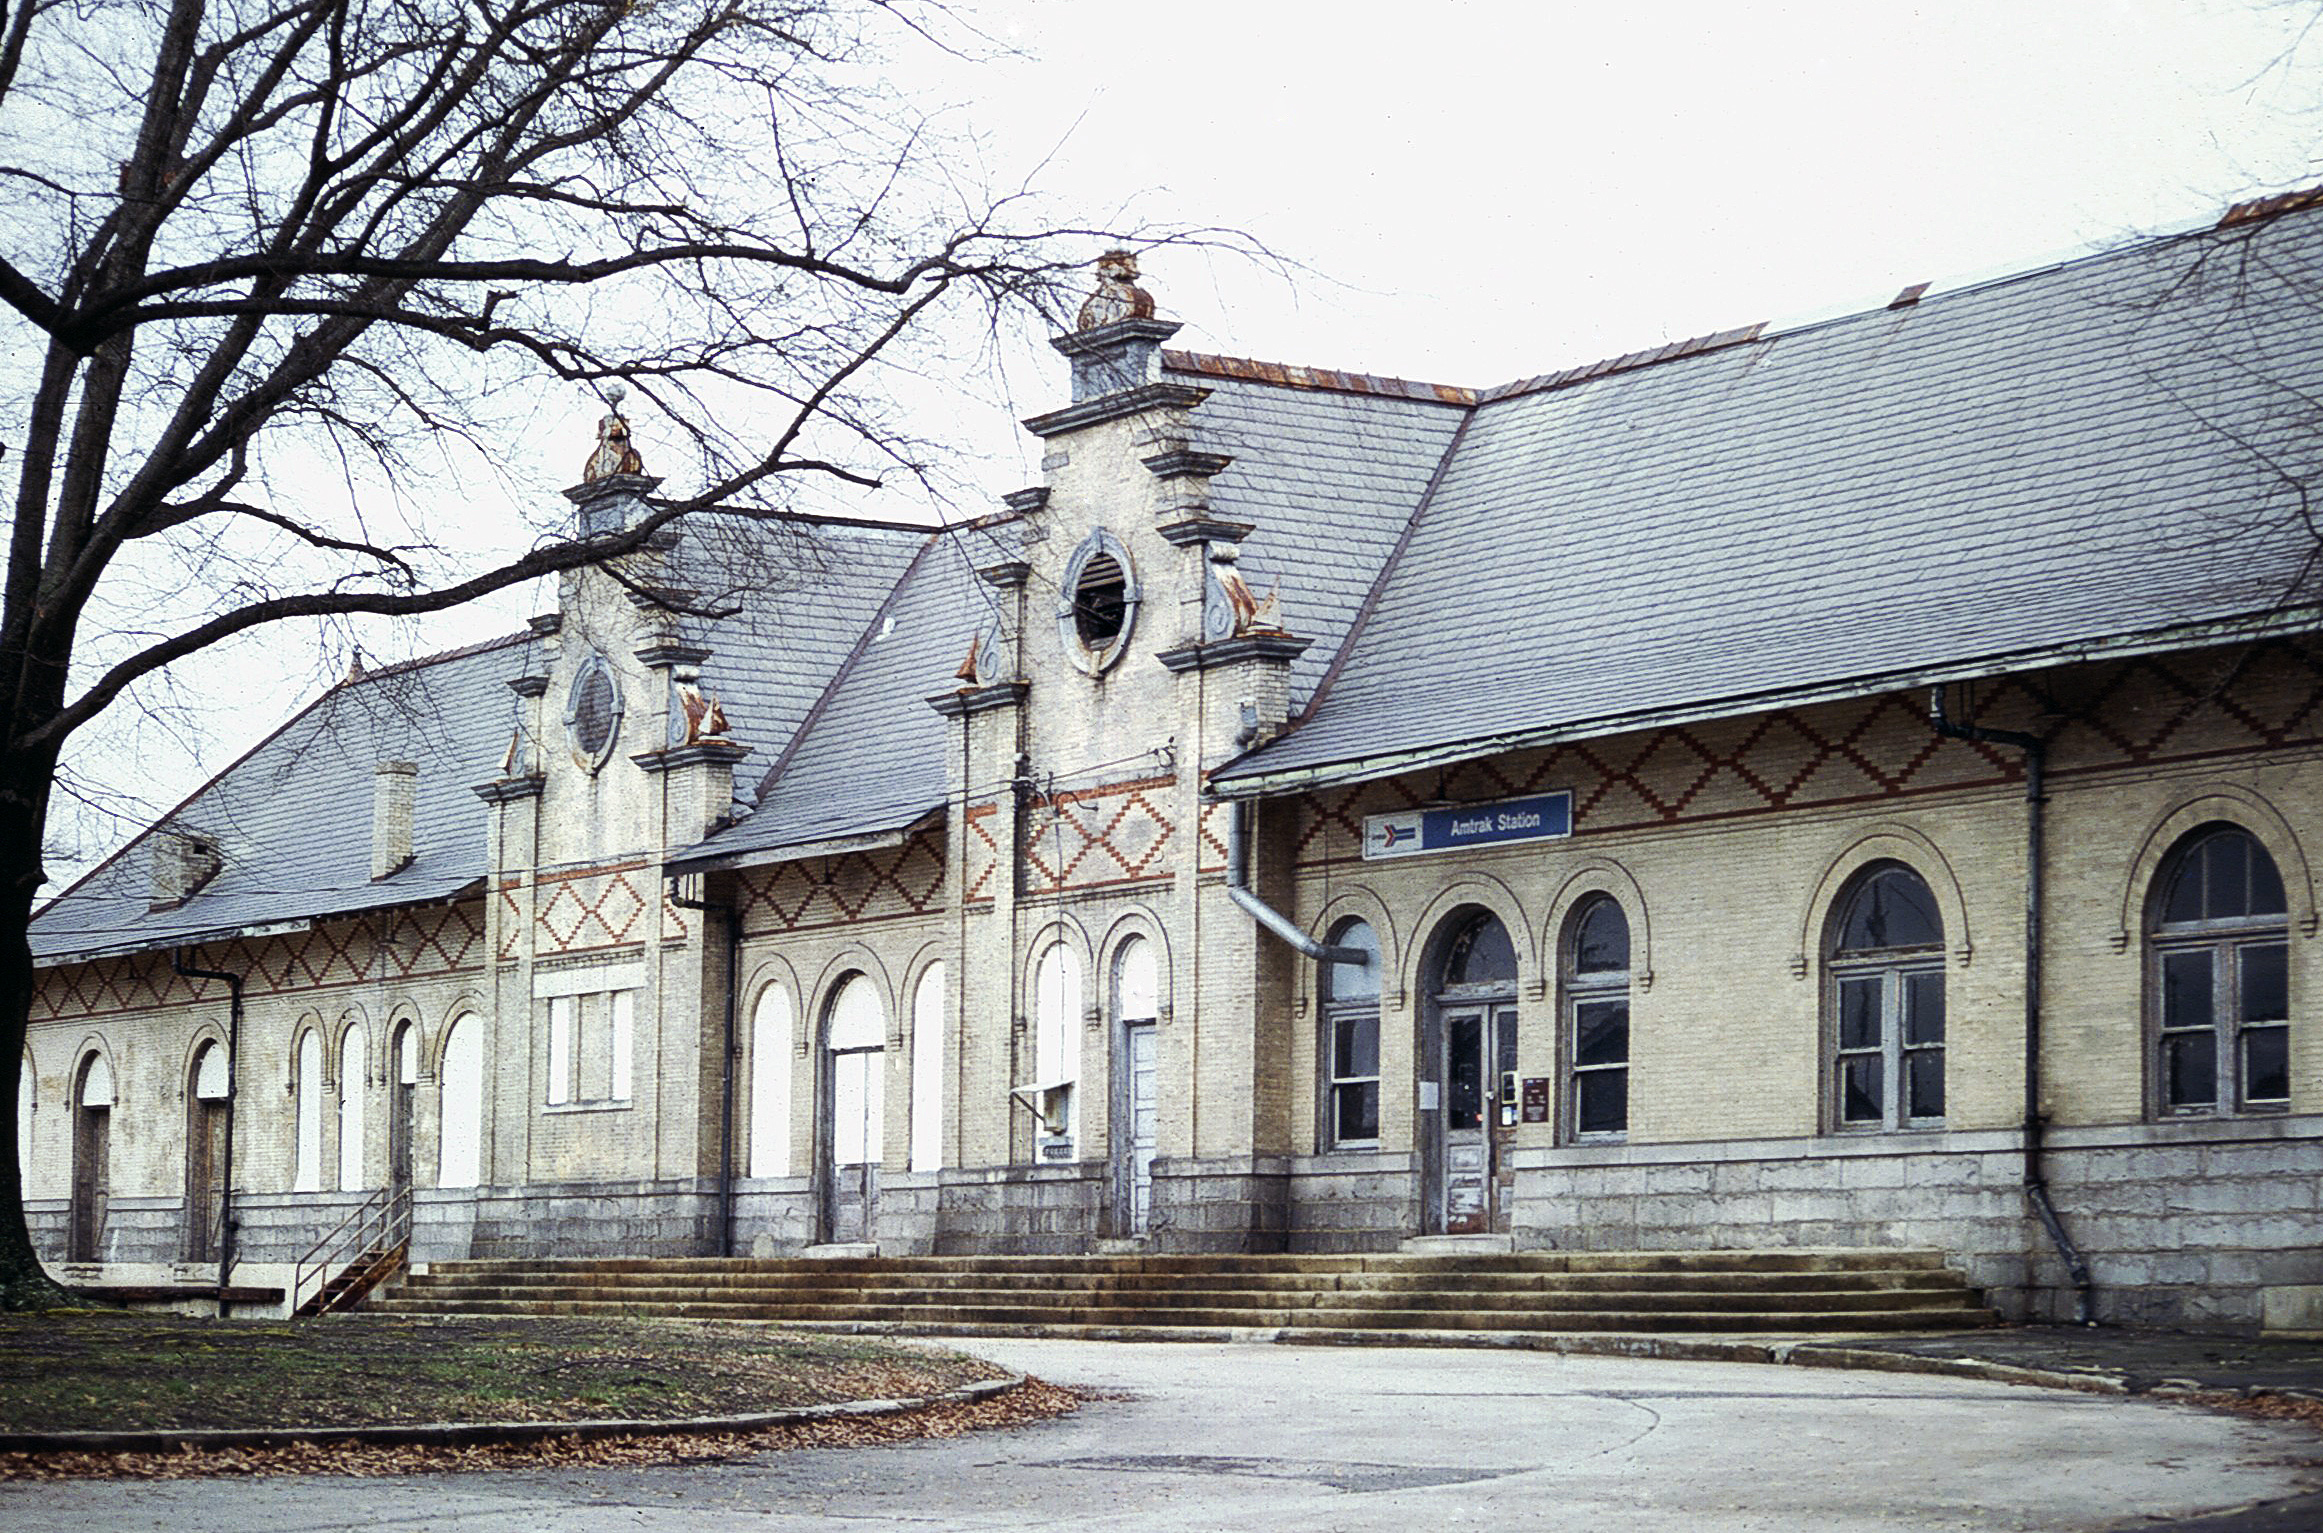 Danville Southern Railway Passenger Depot